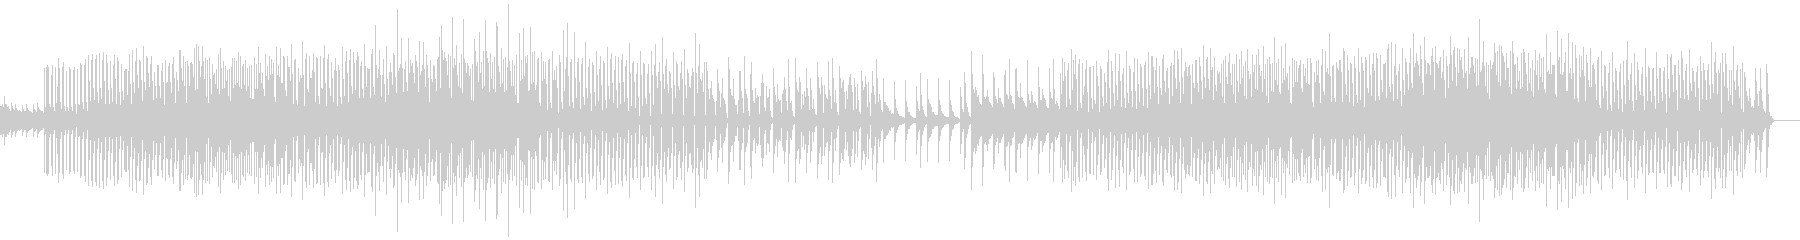 悲しげな音とロック構成で作られたテクノの未再生の波形